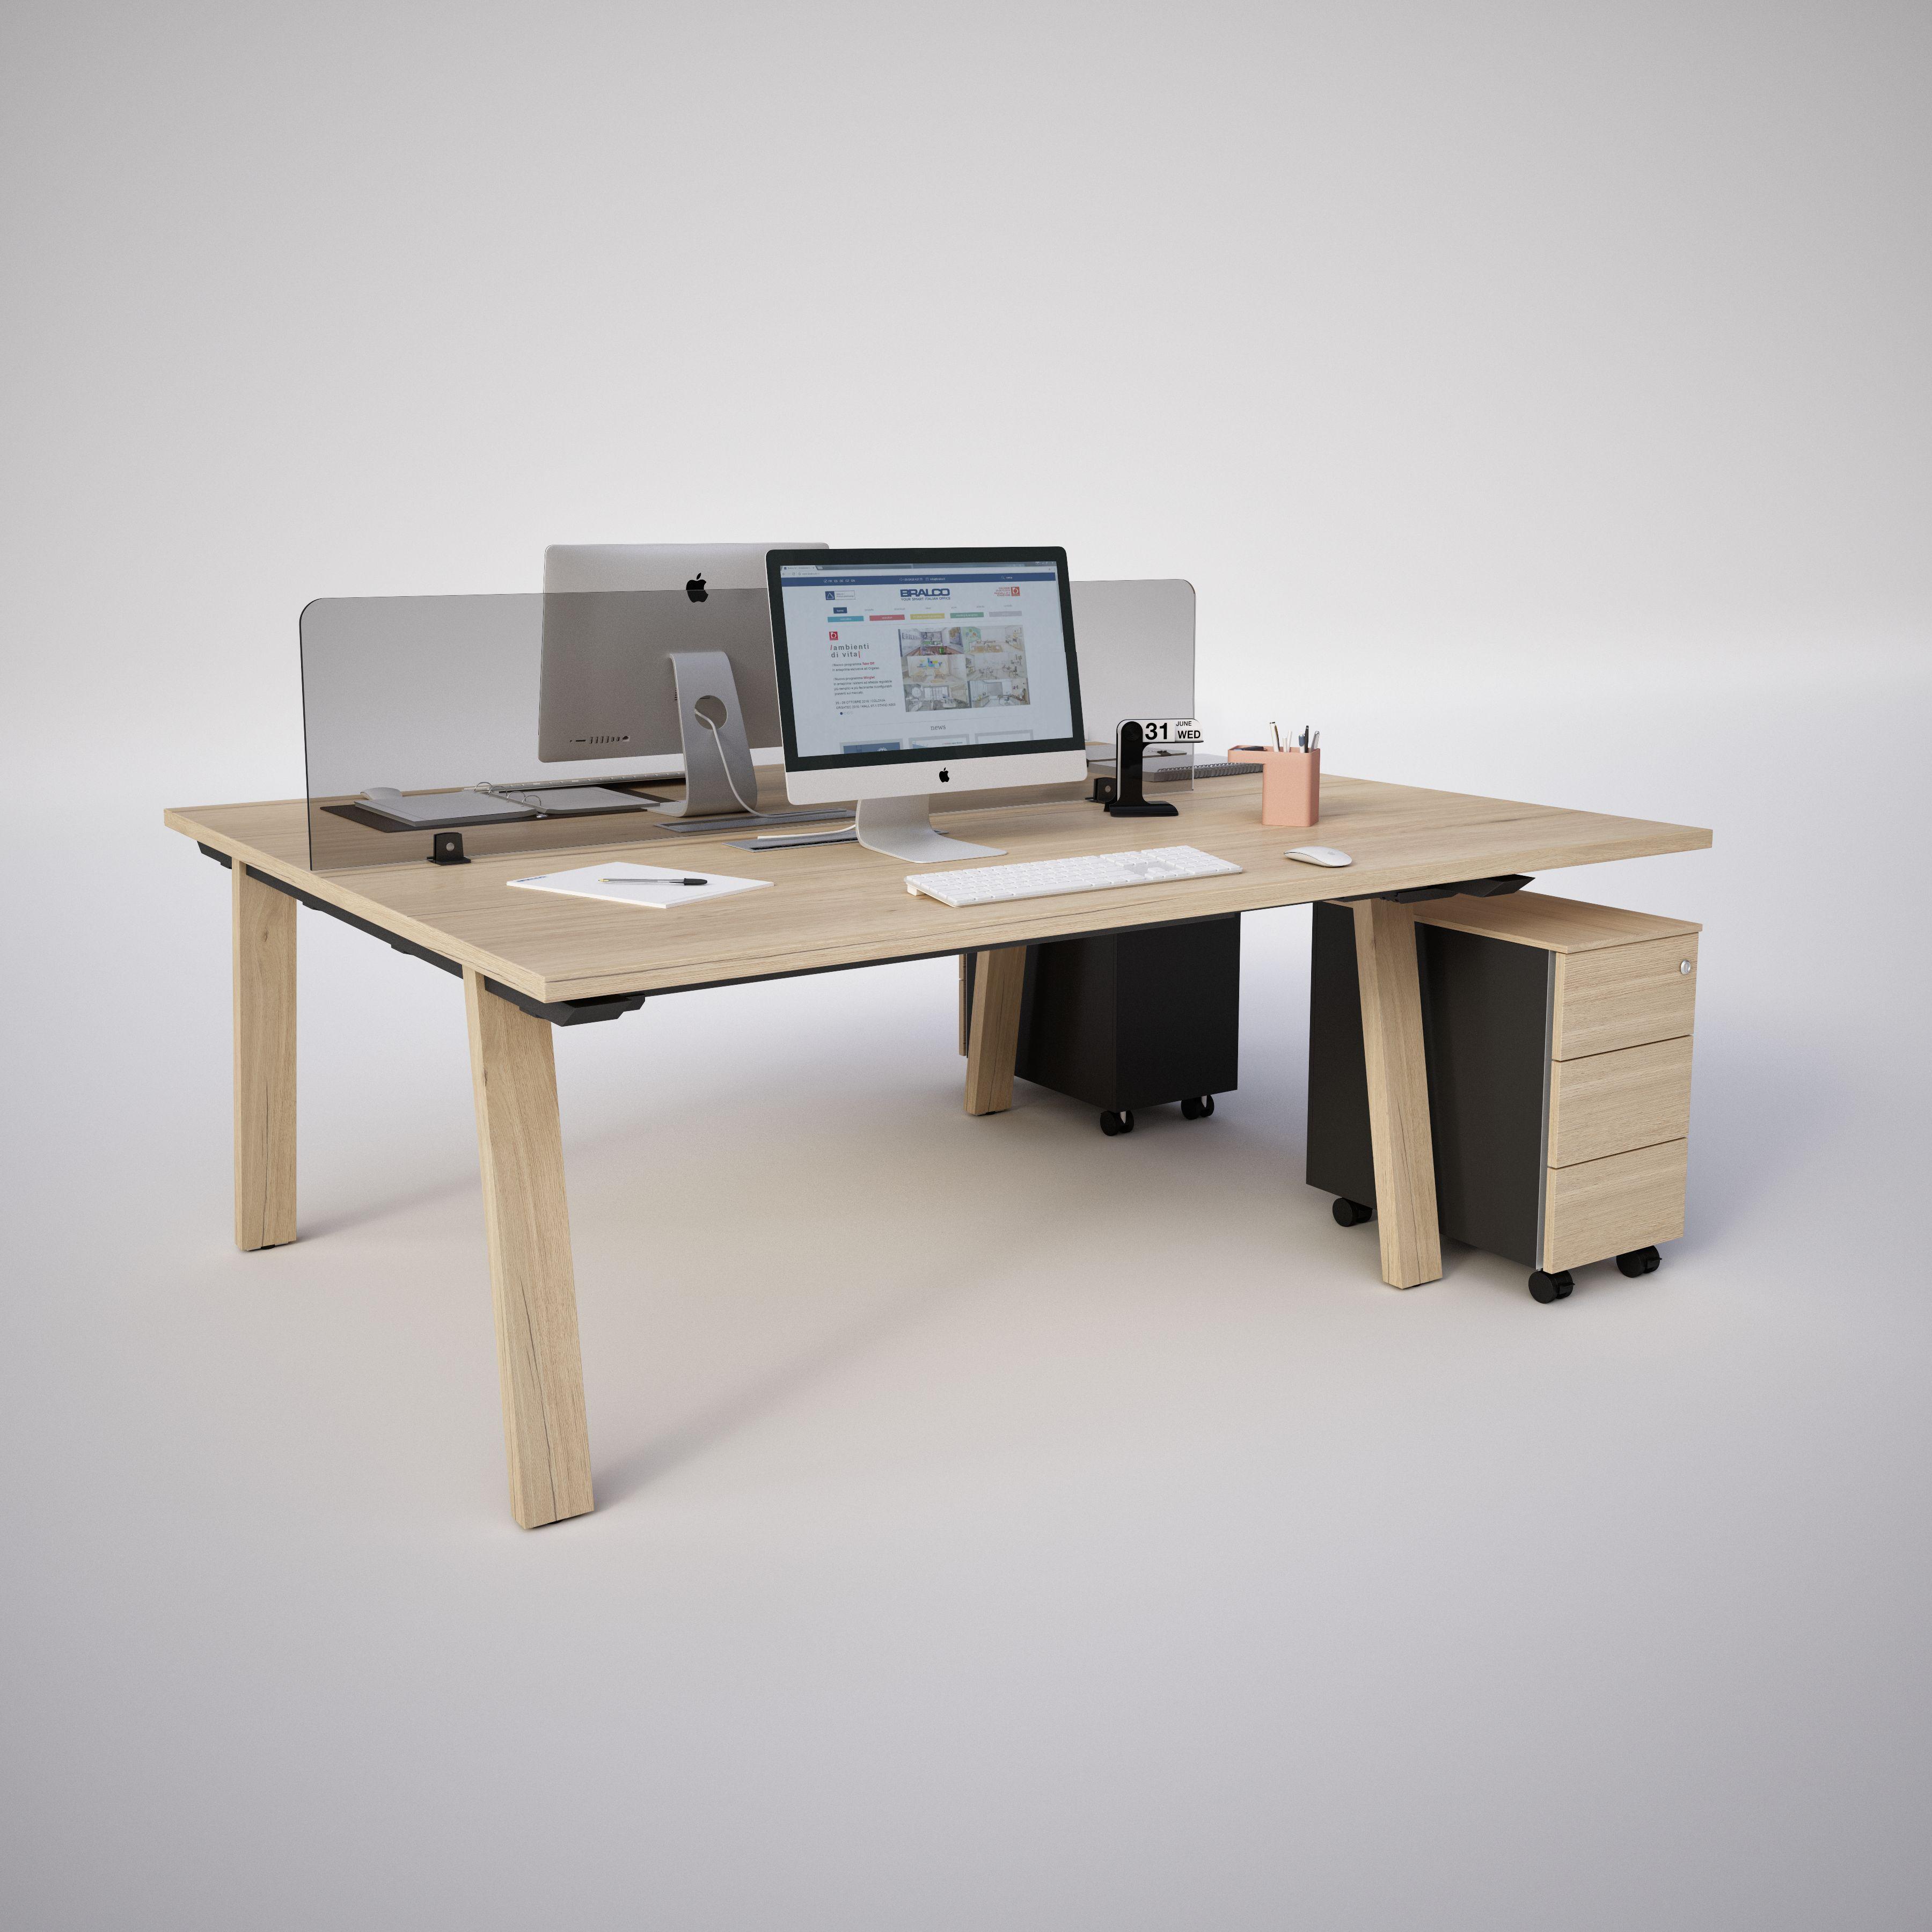 Vente bureaux take off farm bureaux open space bench for Mobilier de bureau montpellier